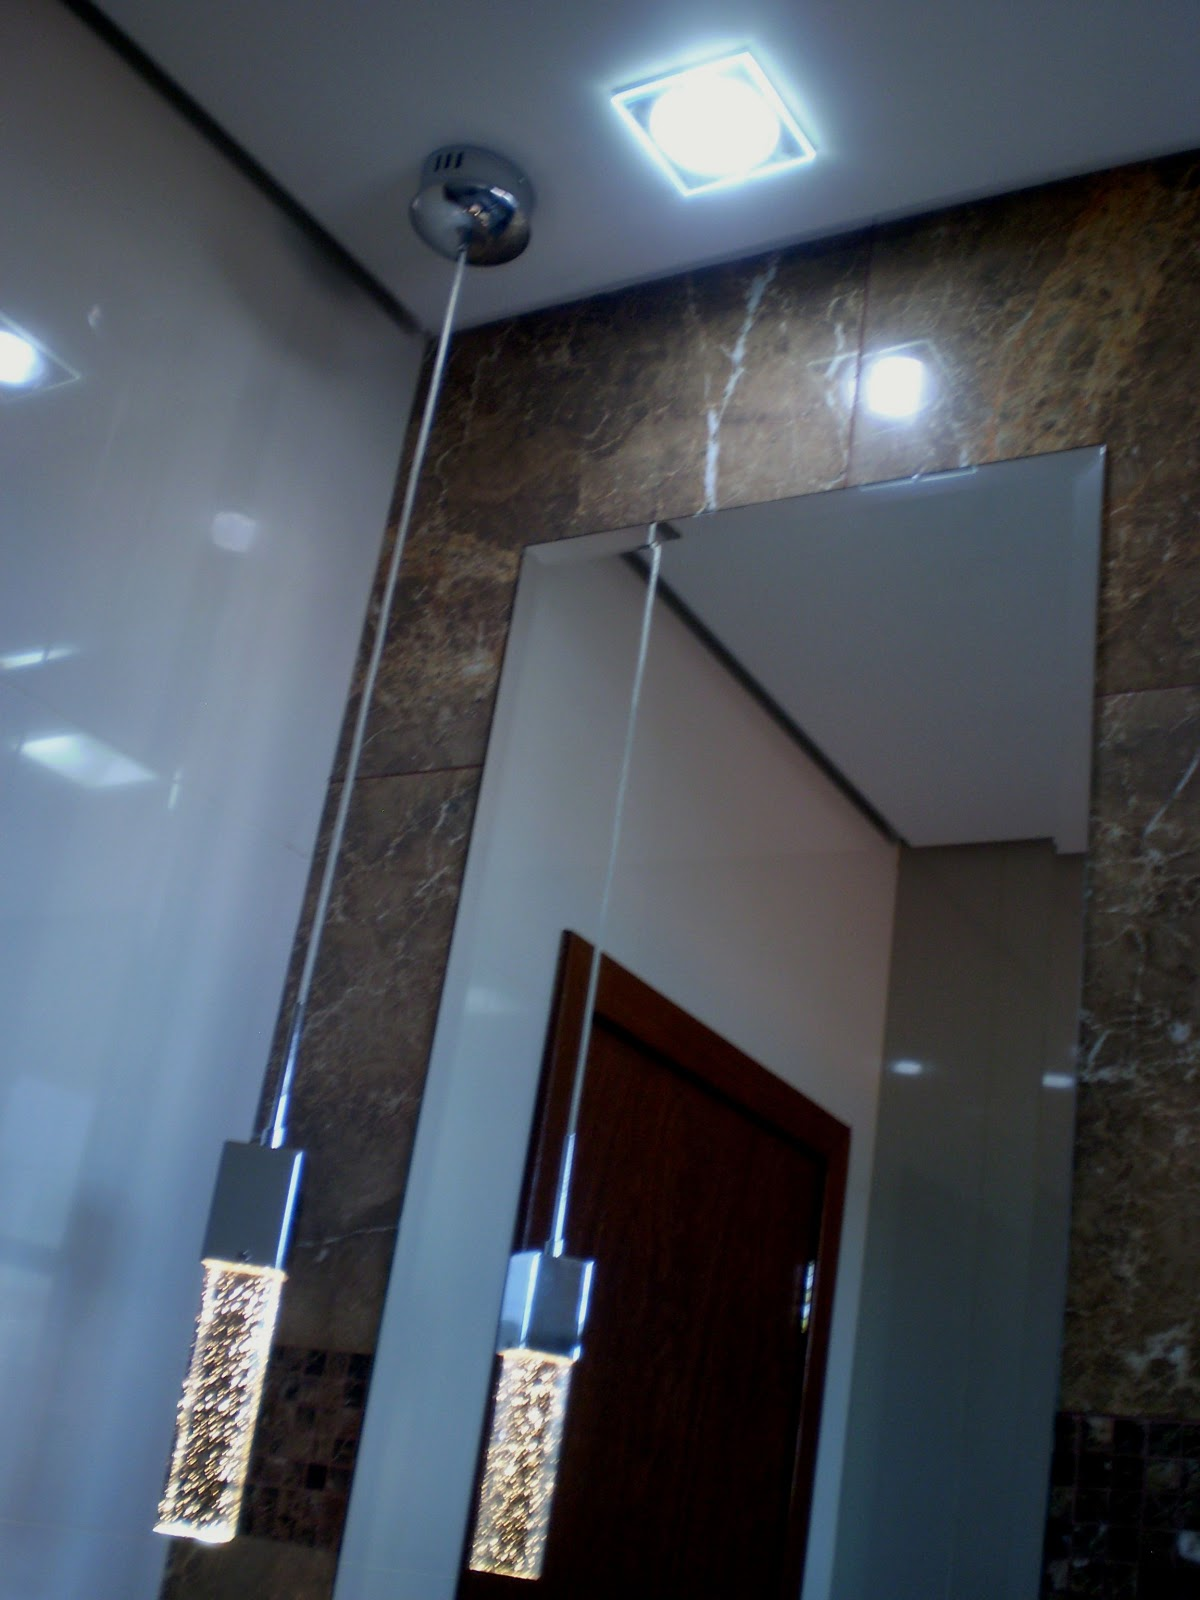 Háaaa como não encostei o espelho na bancada tbm não encostei no  #3B6A90 1200x1600 Banheiro Com Granito Marrom Imperial